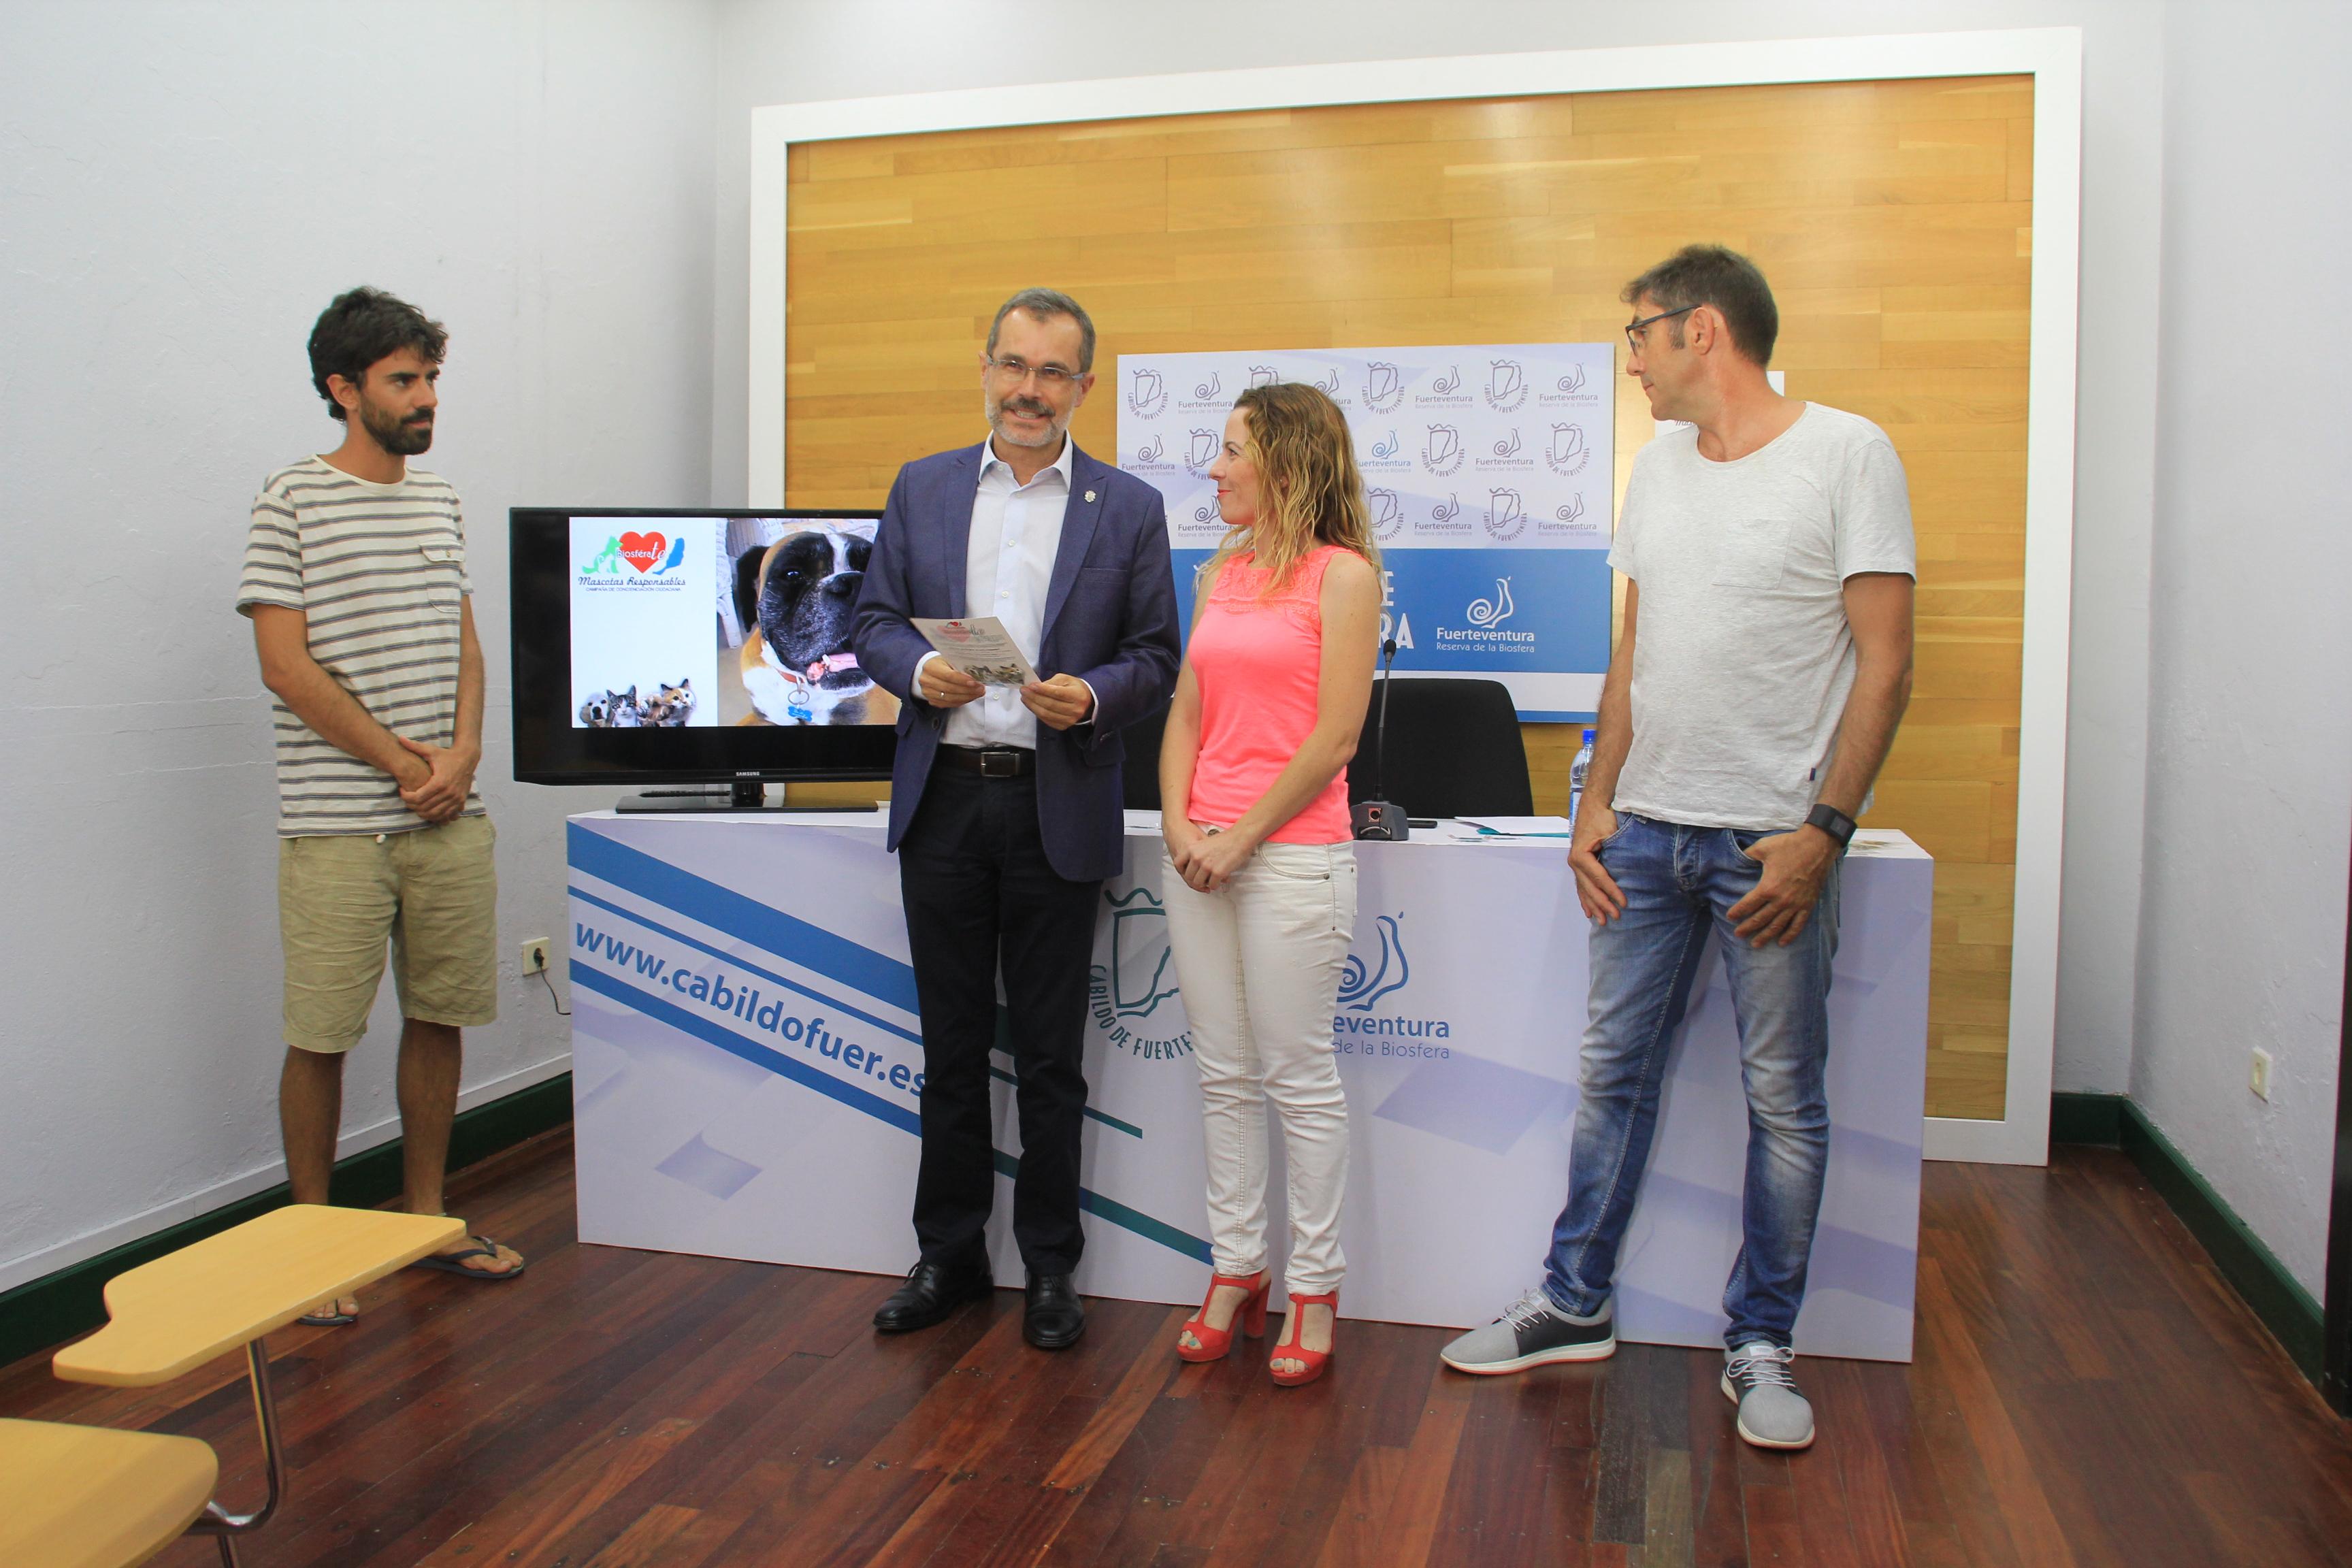 Presentación de la campaña de mascotas de Fuerteventura